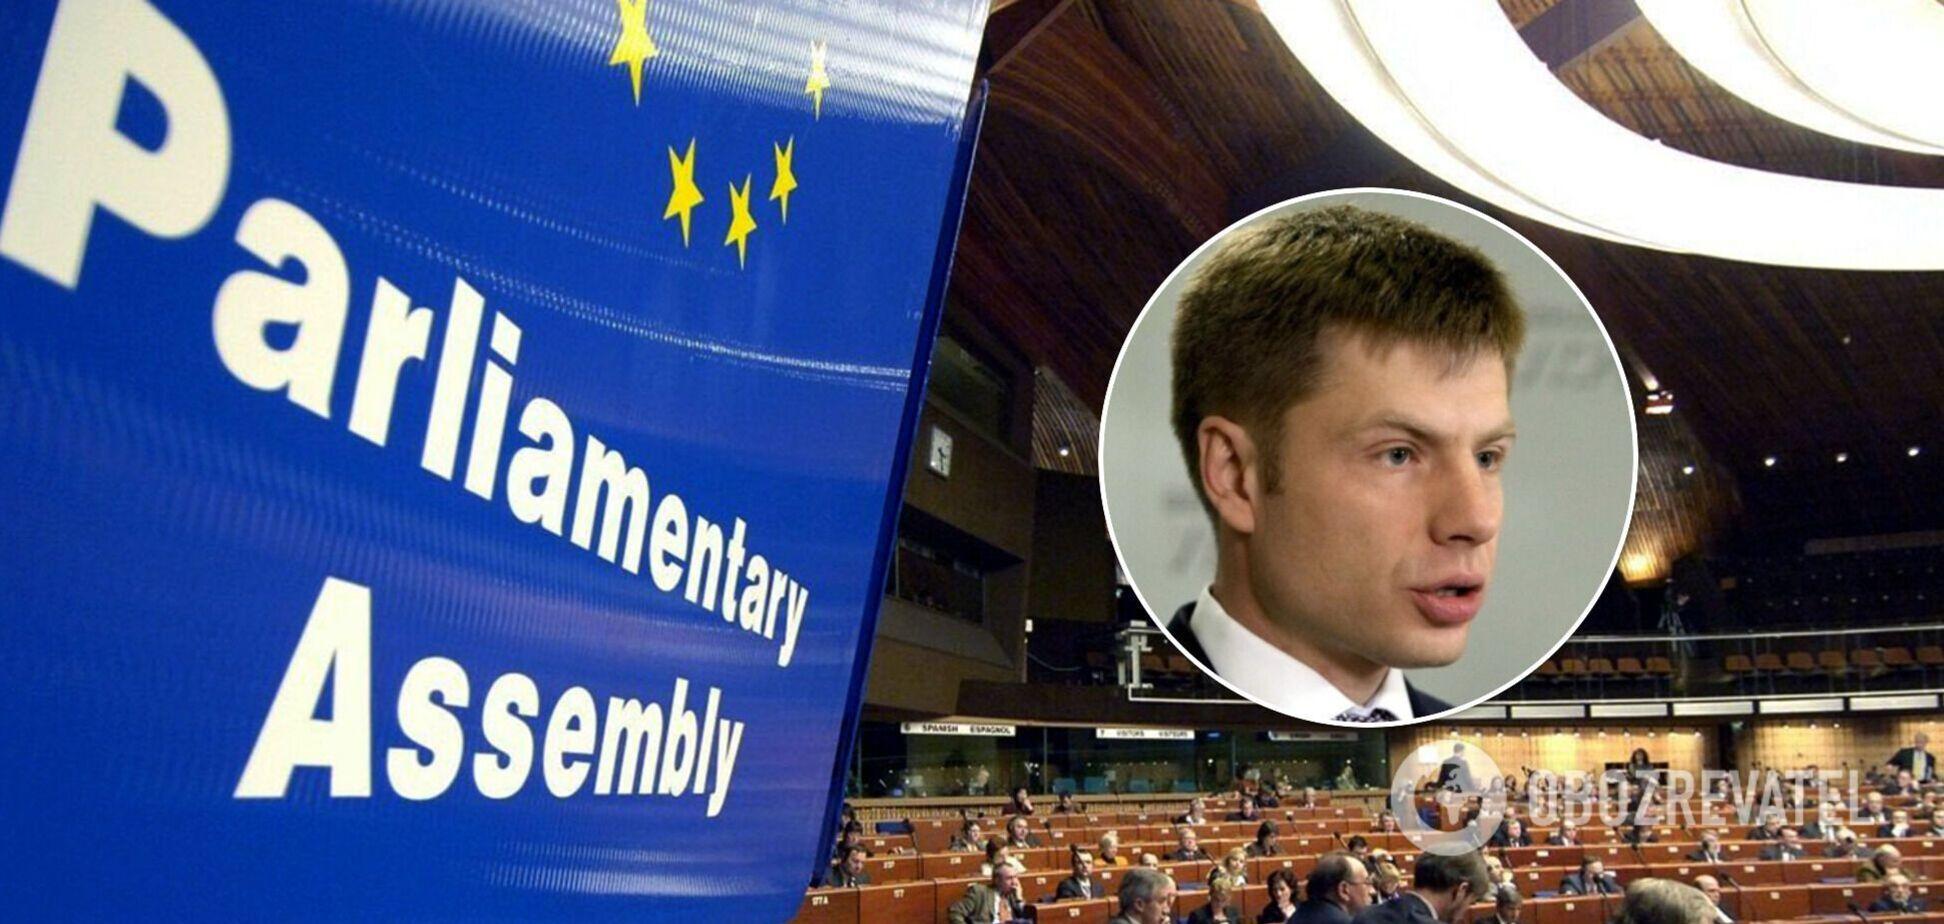 В ПАСЕ окончательно отклонили кандидатуры Украины на должность судьи ЕСПЧ